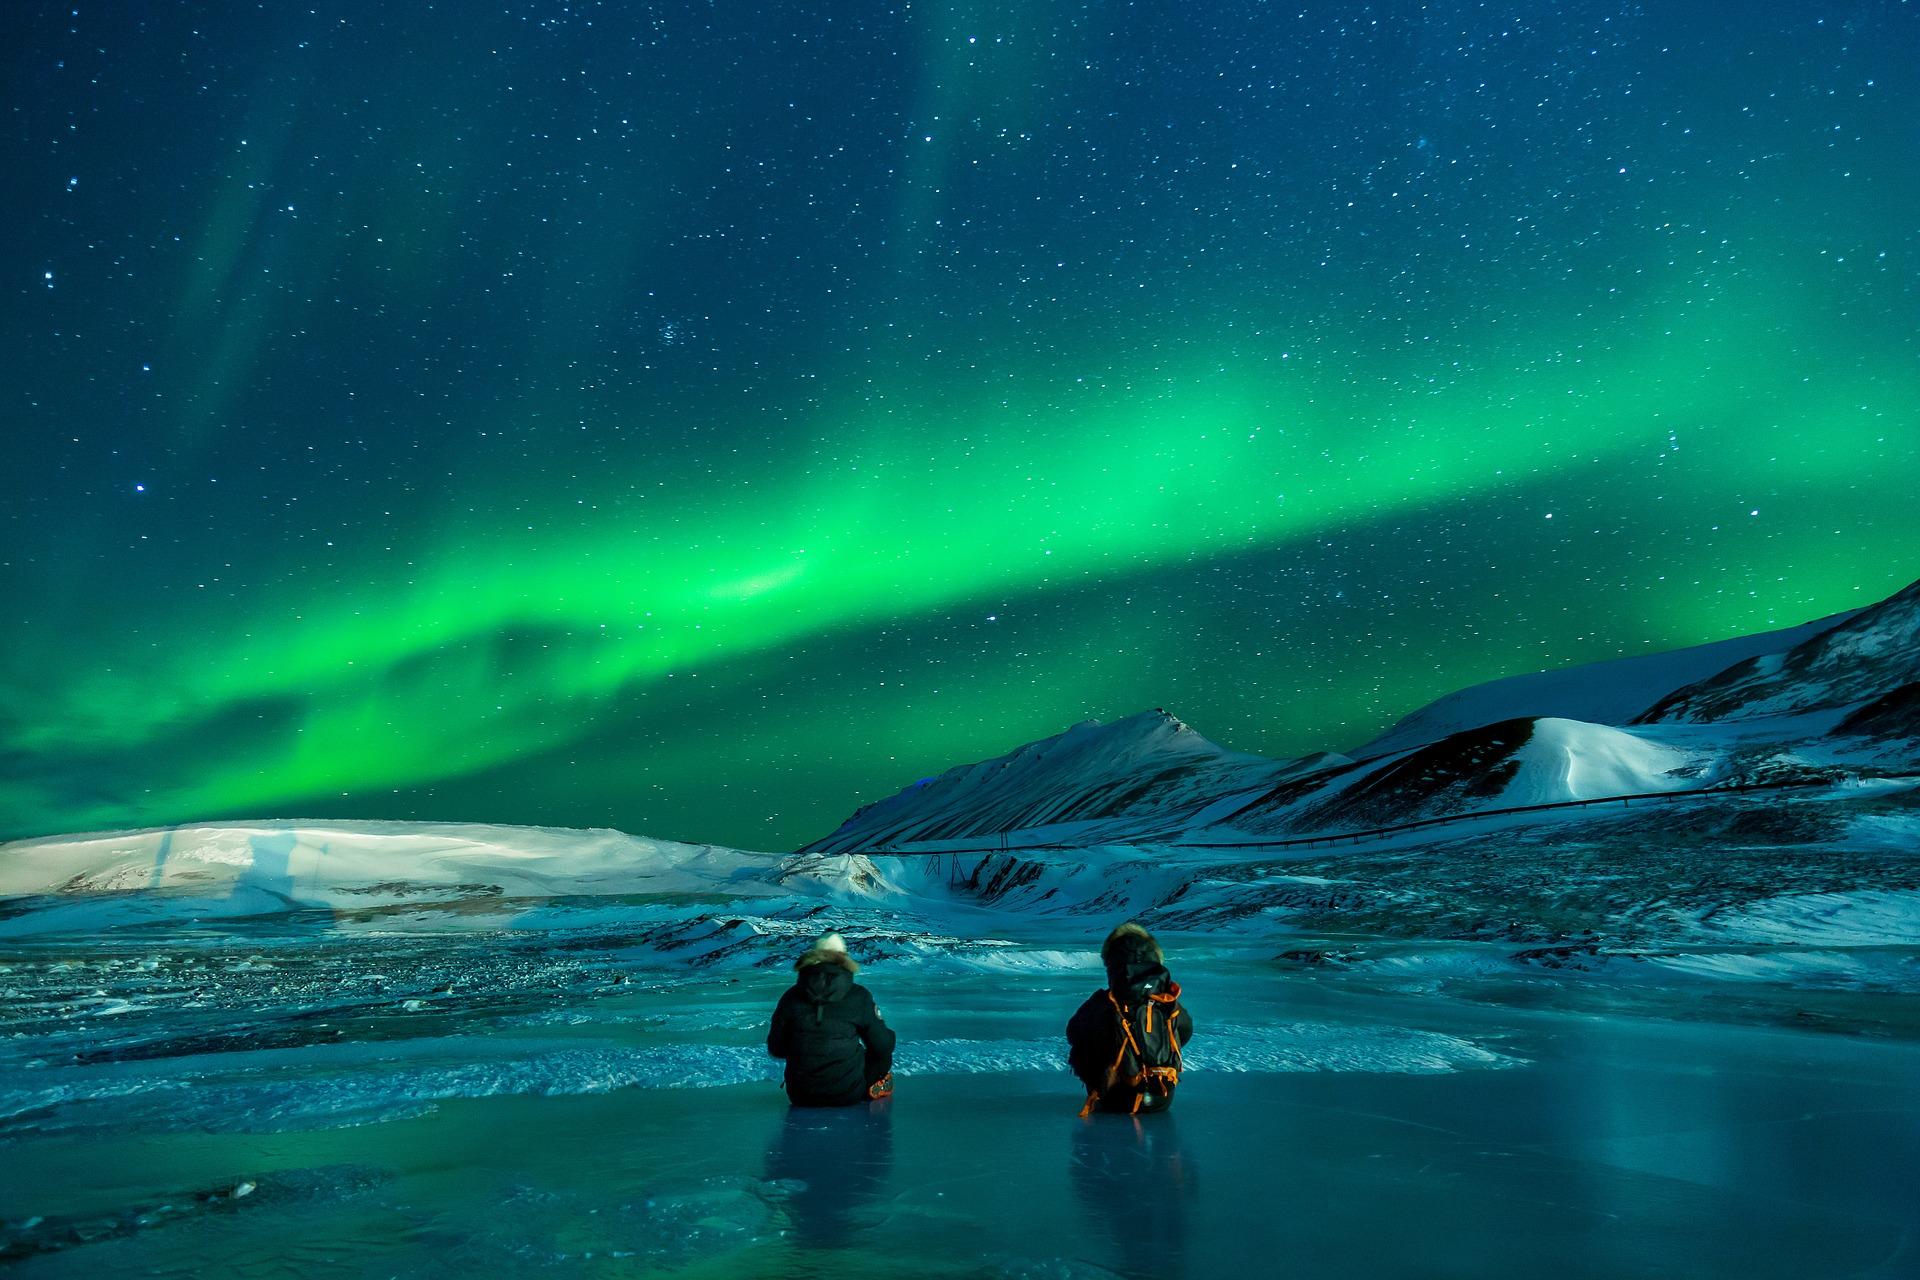 nationale parken in Finland